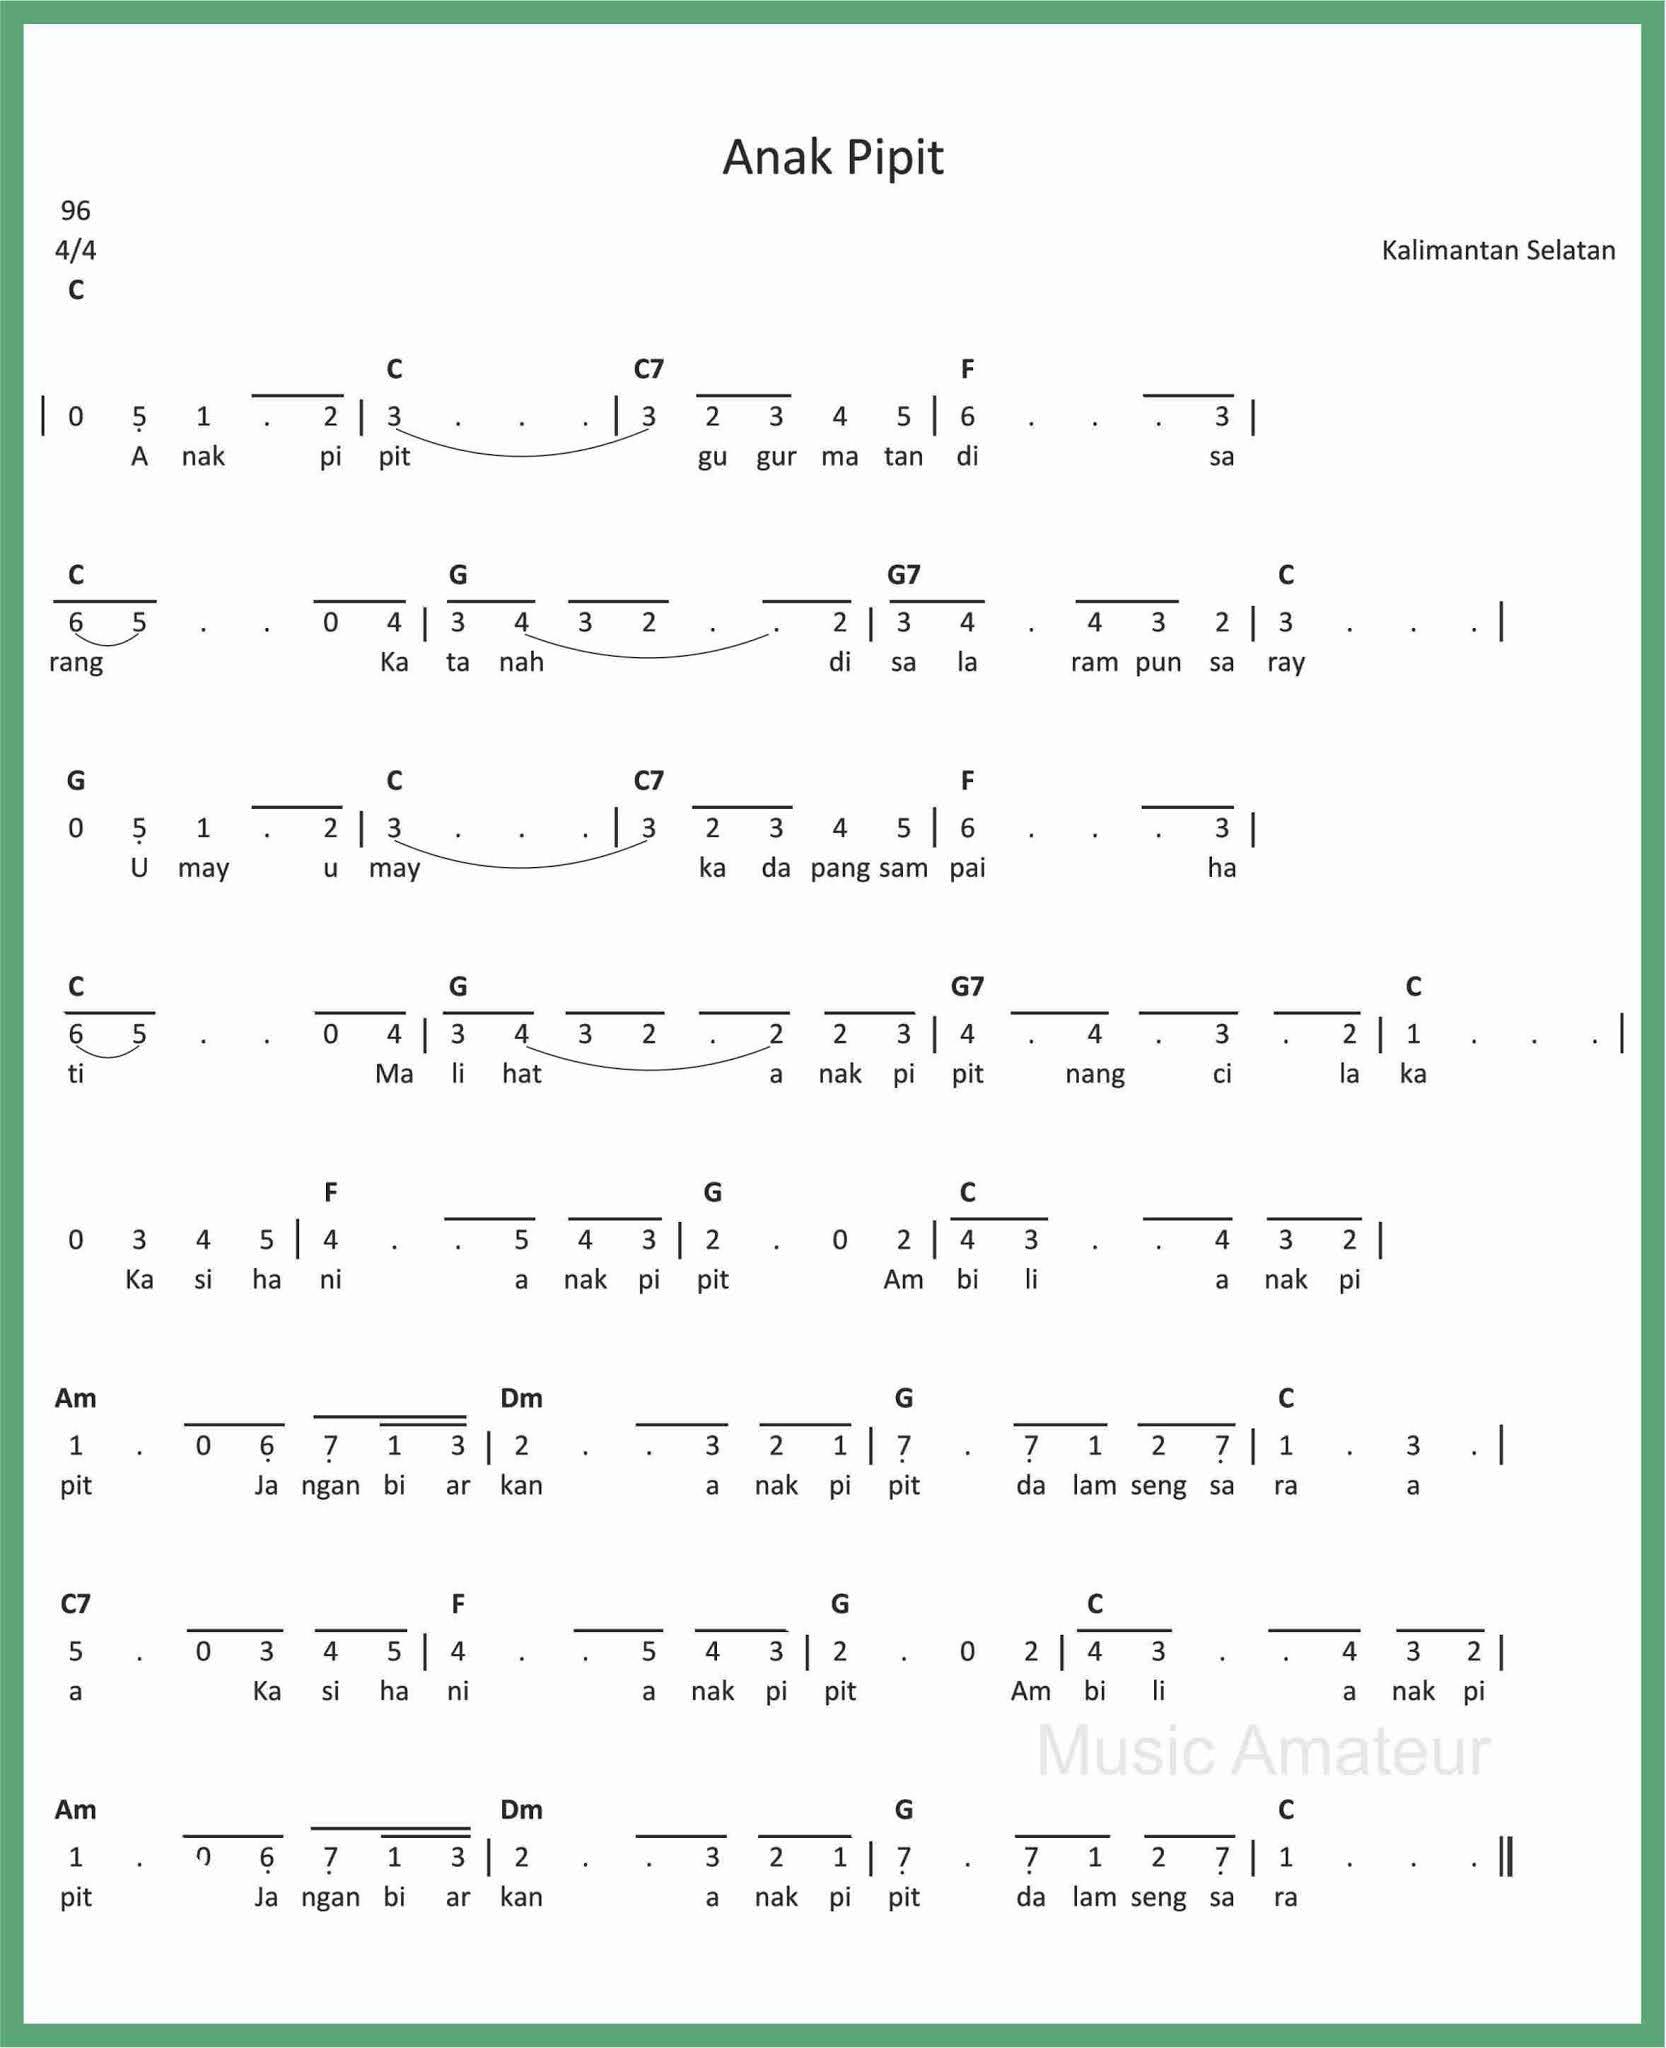 Not Angka Lagu Anak2 : angka, anak2, Angka, Pipit, SEPUTAR, MUSIK